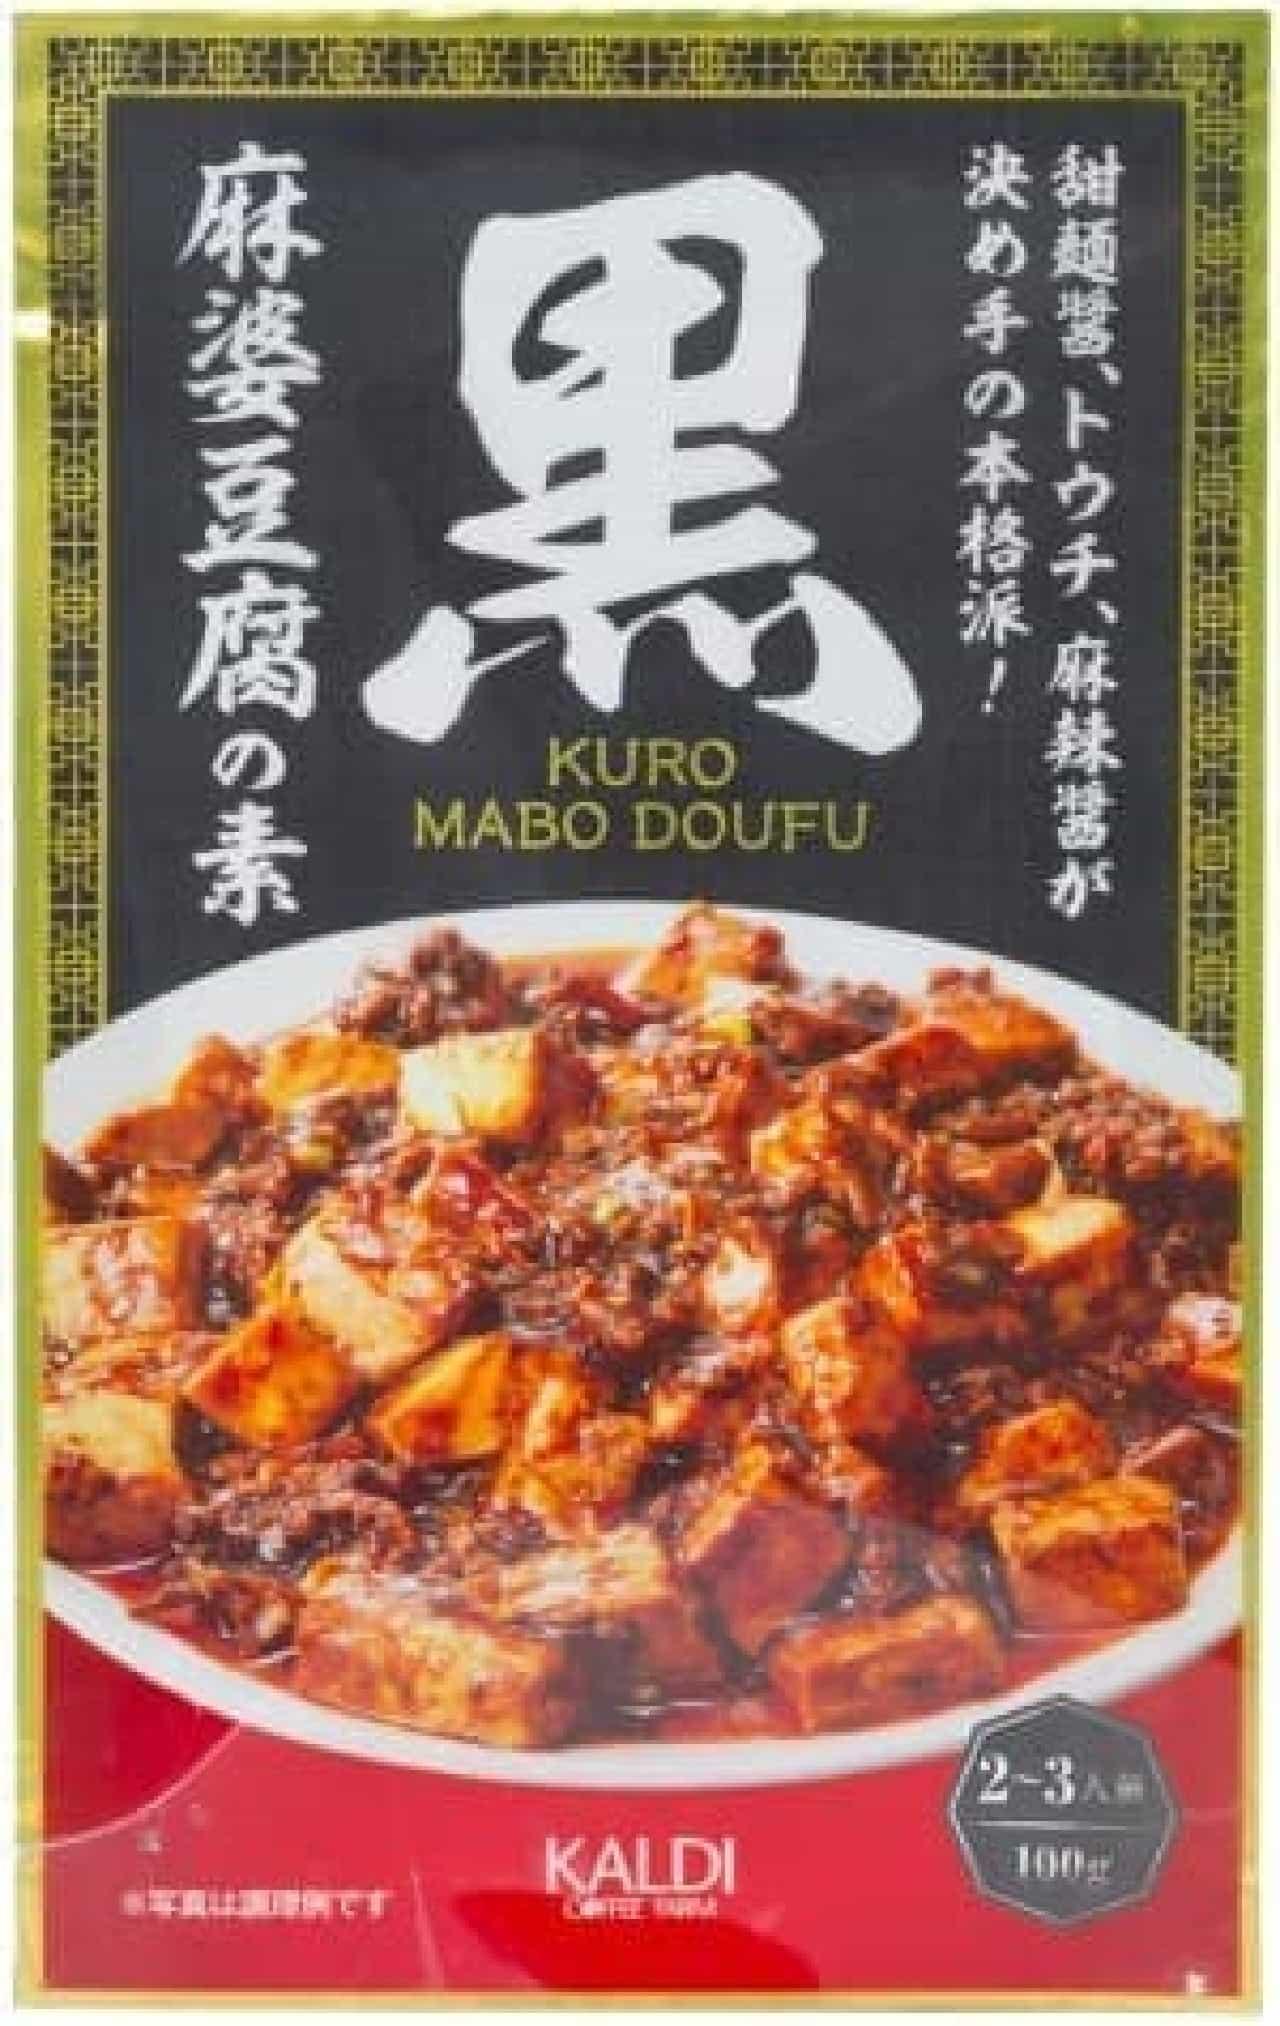 カルディ オリジナル 黒麻婆豆腐の素